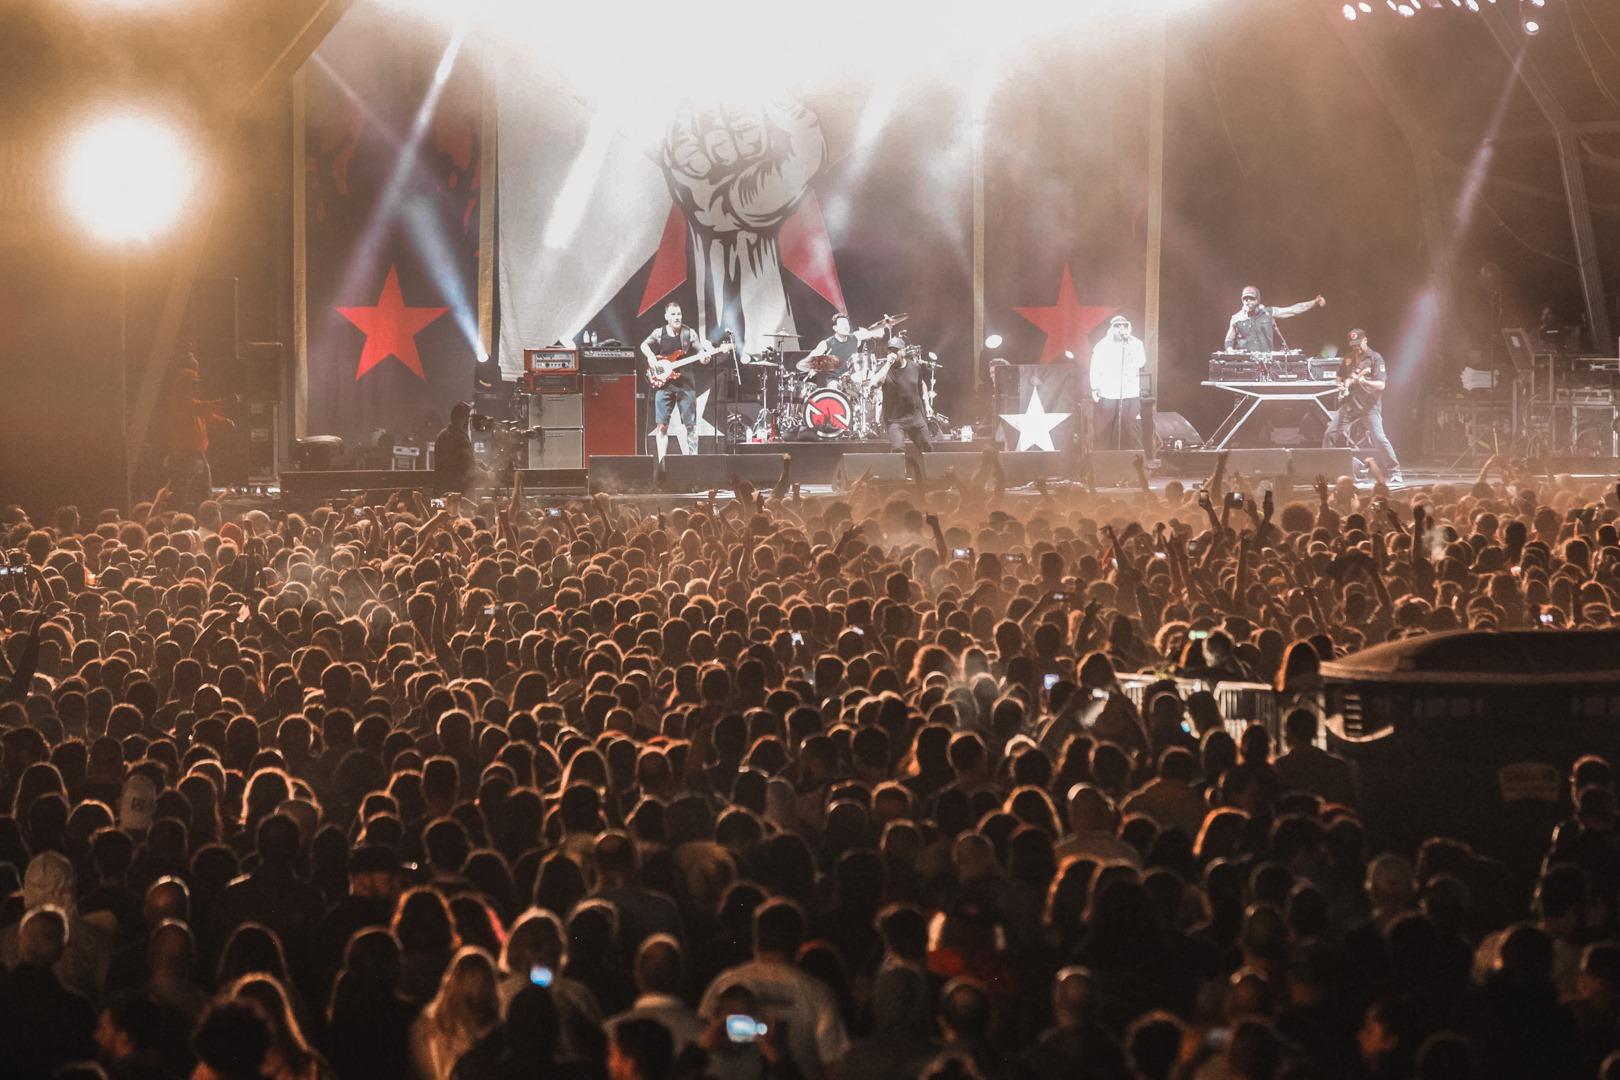 Edição 2019 de Vilar de Mouros recebe mais 14 mil pessoas que no festival anterior